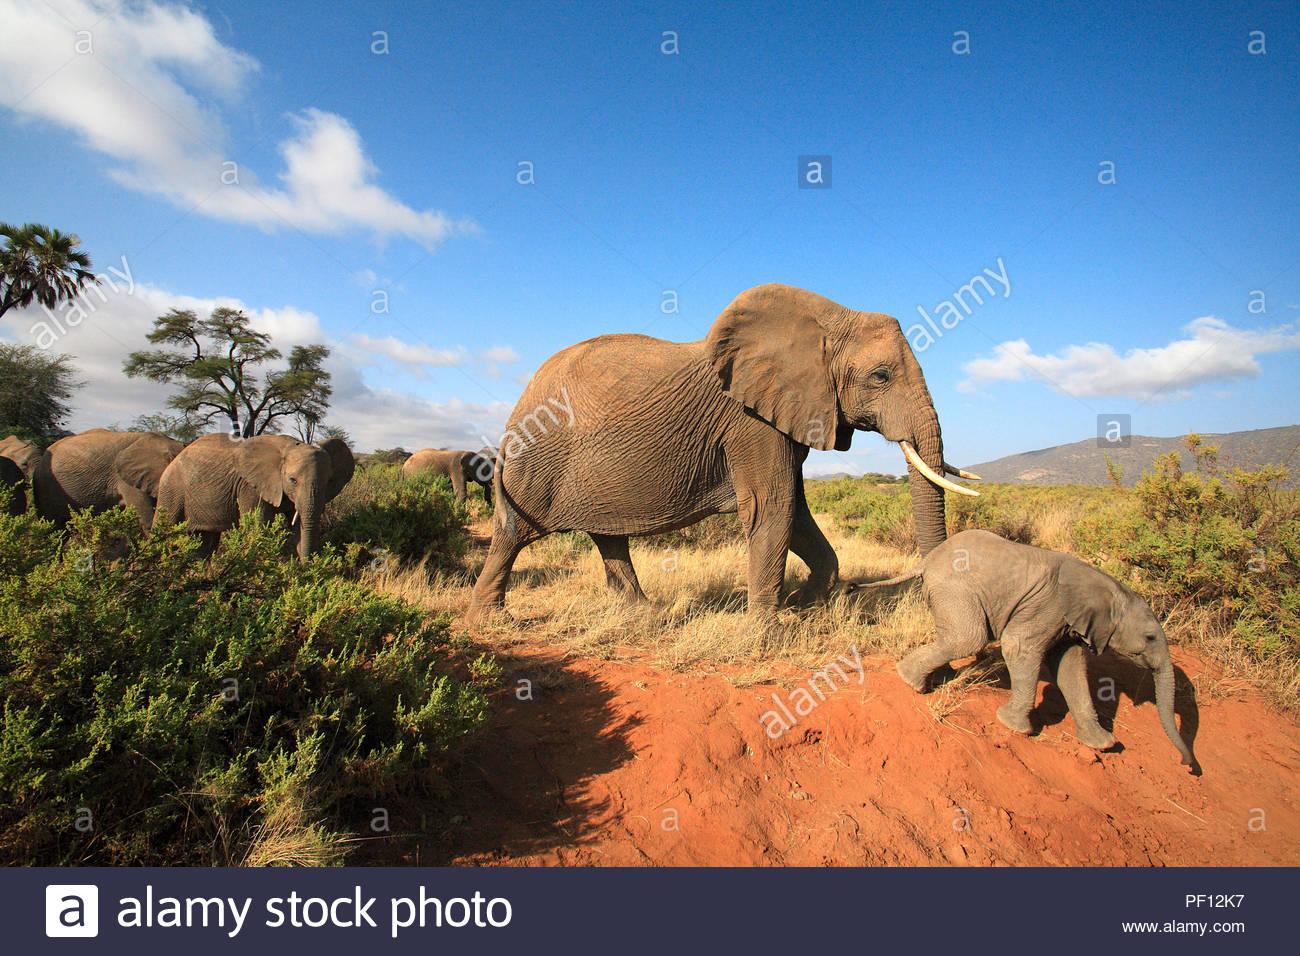 Afrikanische Elefanten (Loxodonta africana), Samburu, Kenia | African bush elephant or African elephant (Loxodonta africana), adults with calf, Sambu - Stock Image